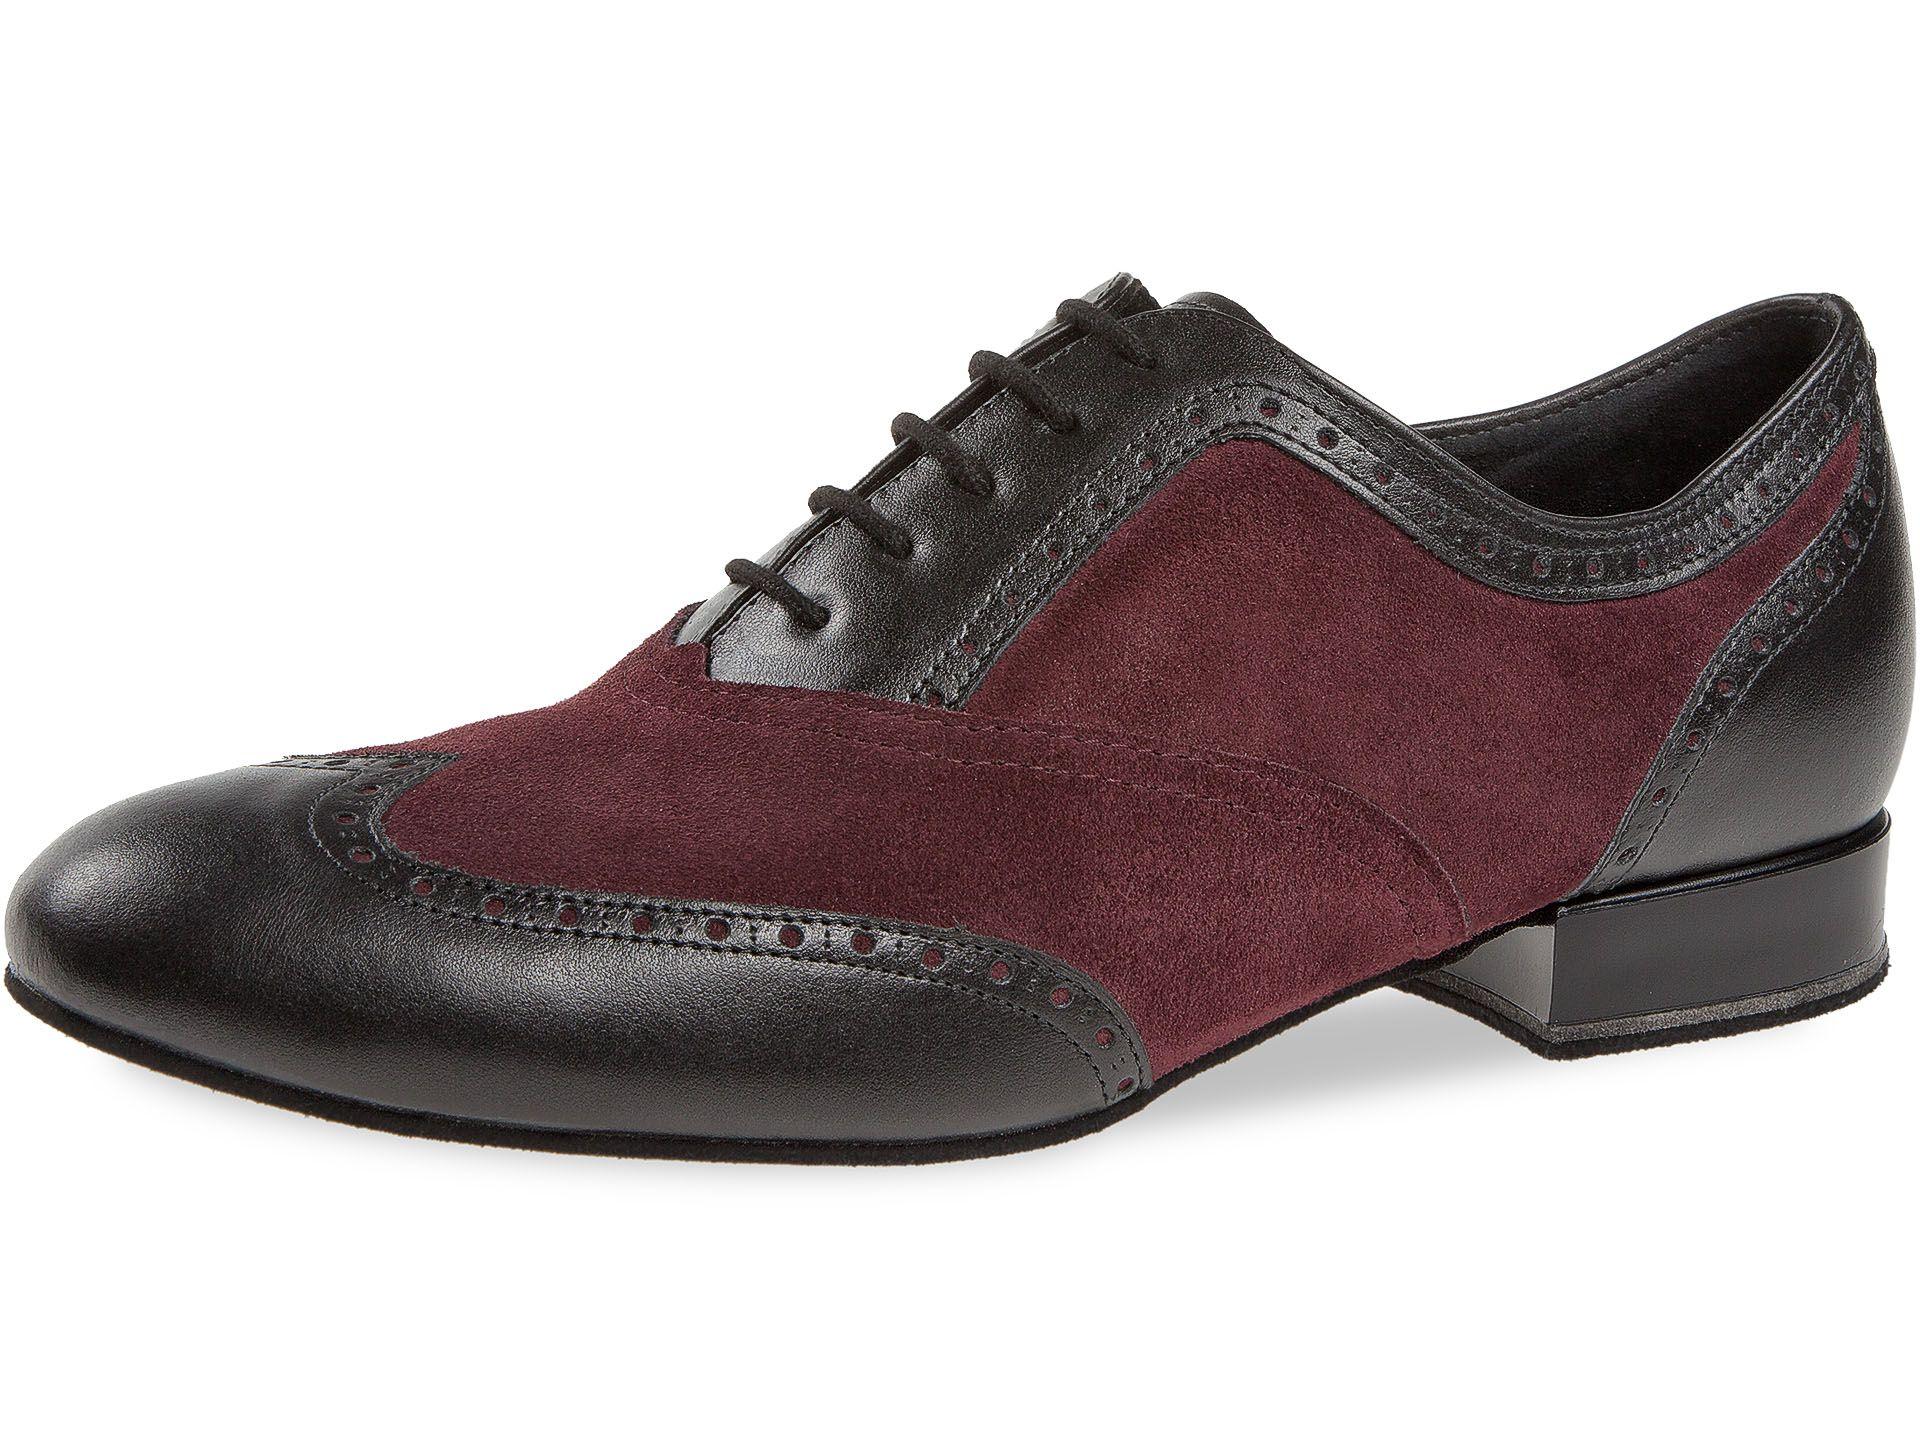 Herren Tango Tanzschuh Mod. 177 025 133 in schwarz